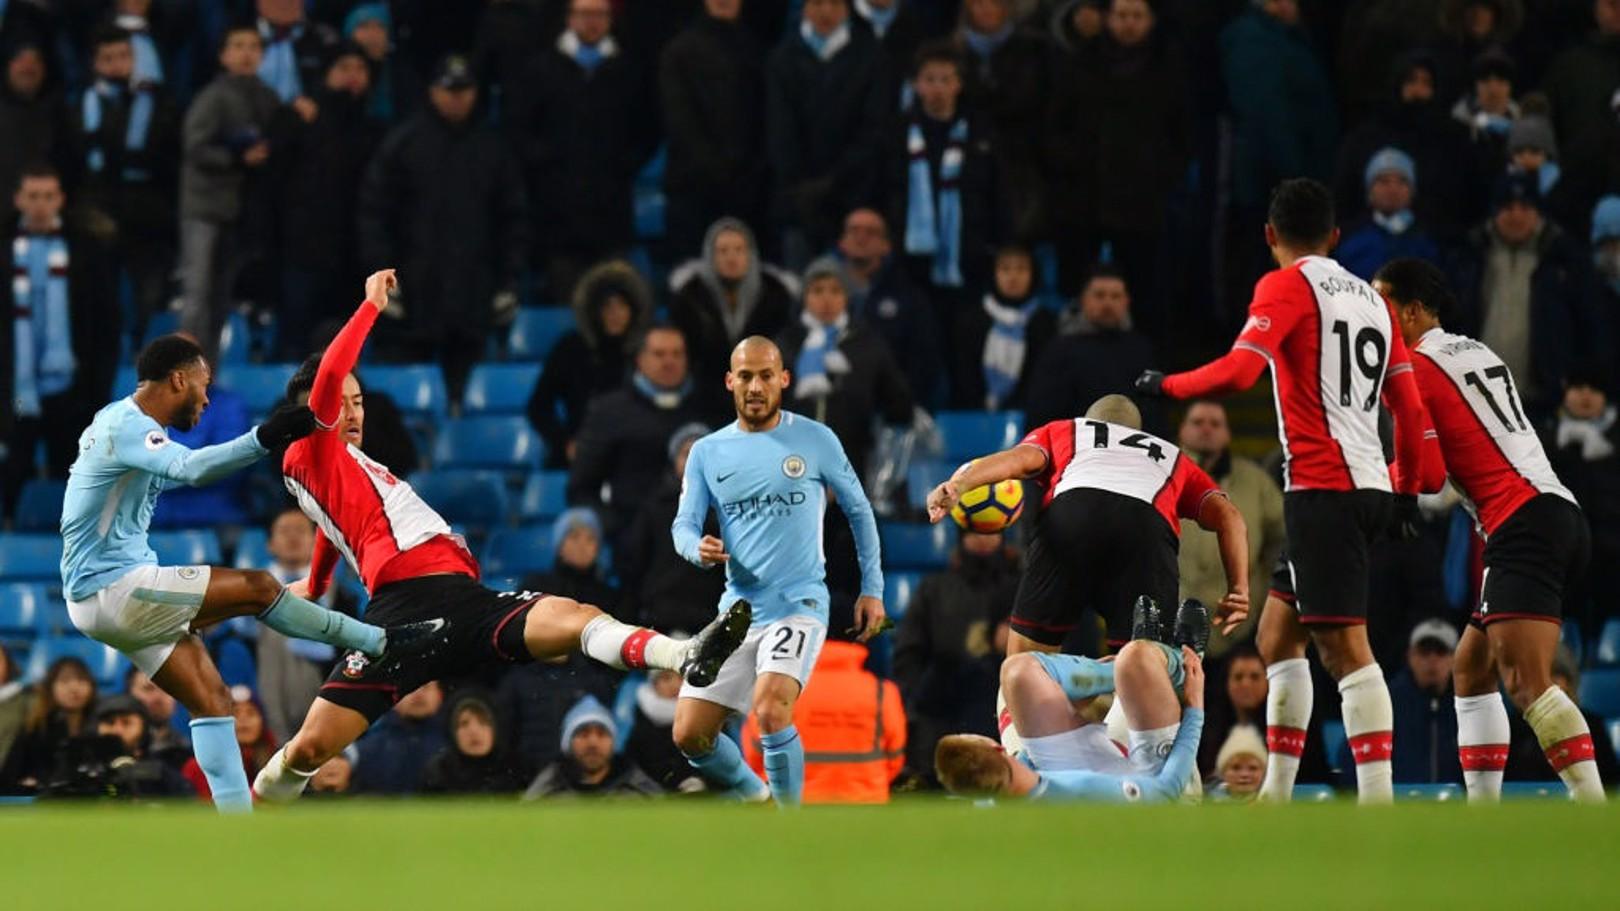 رحيم سترلينج لحظة تسديد الكرة التي جاء منها هدف الفوز في الوقت القاتل